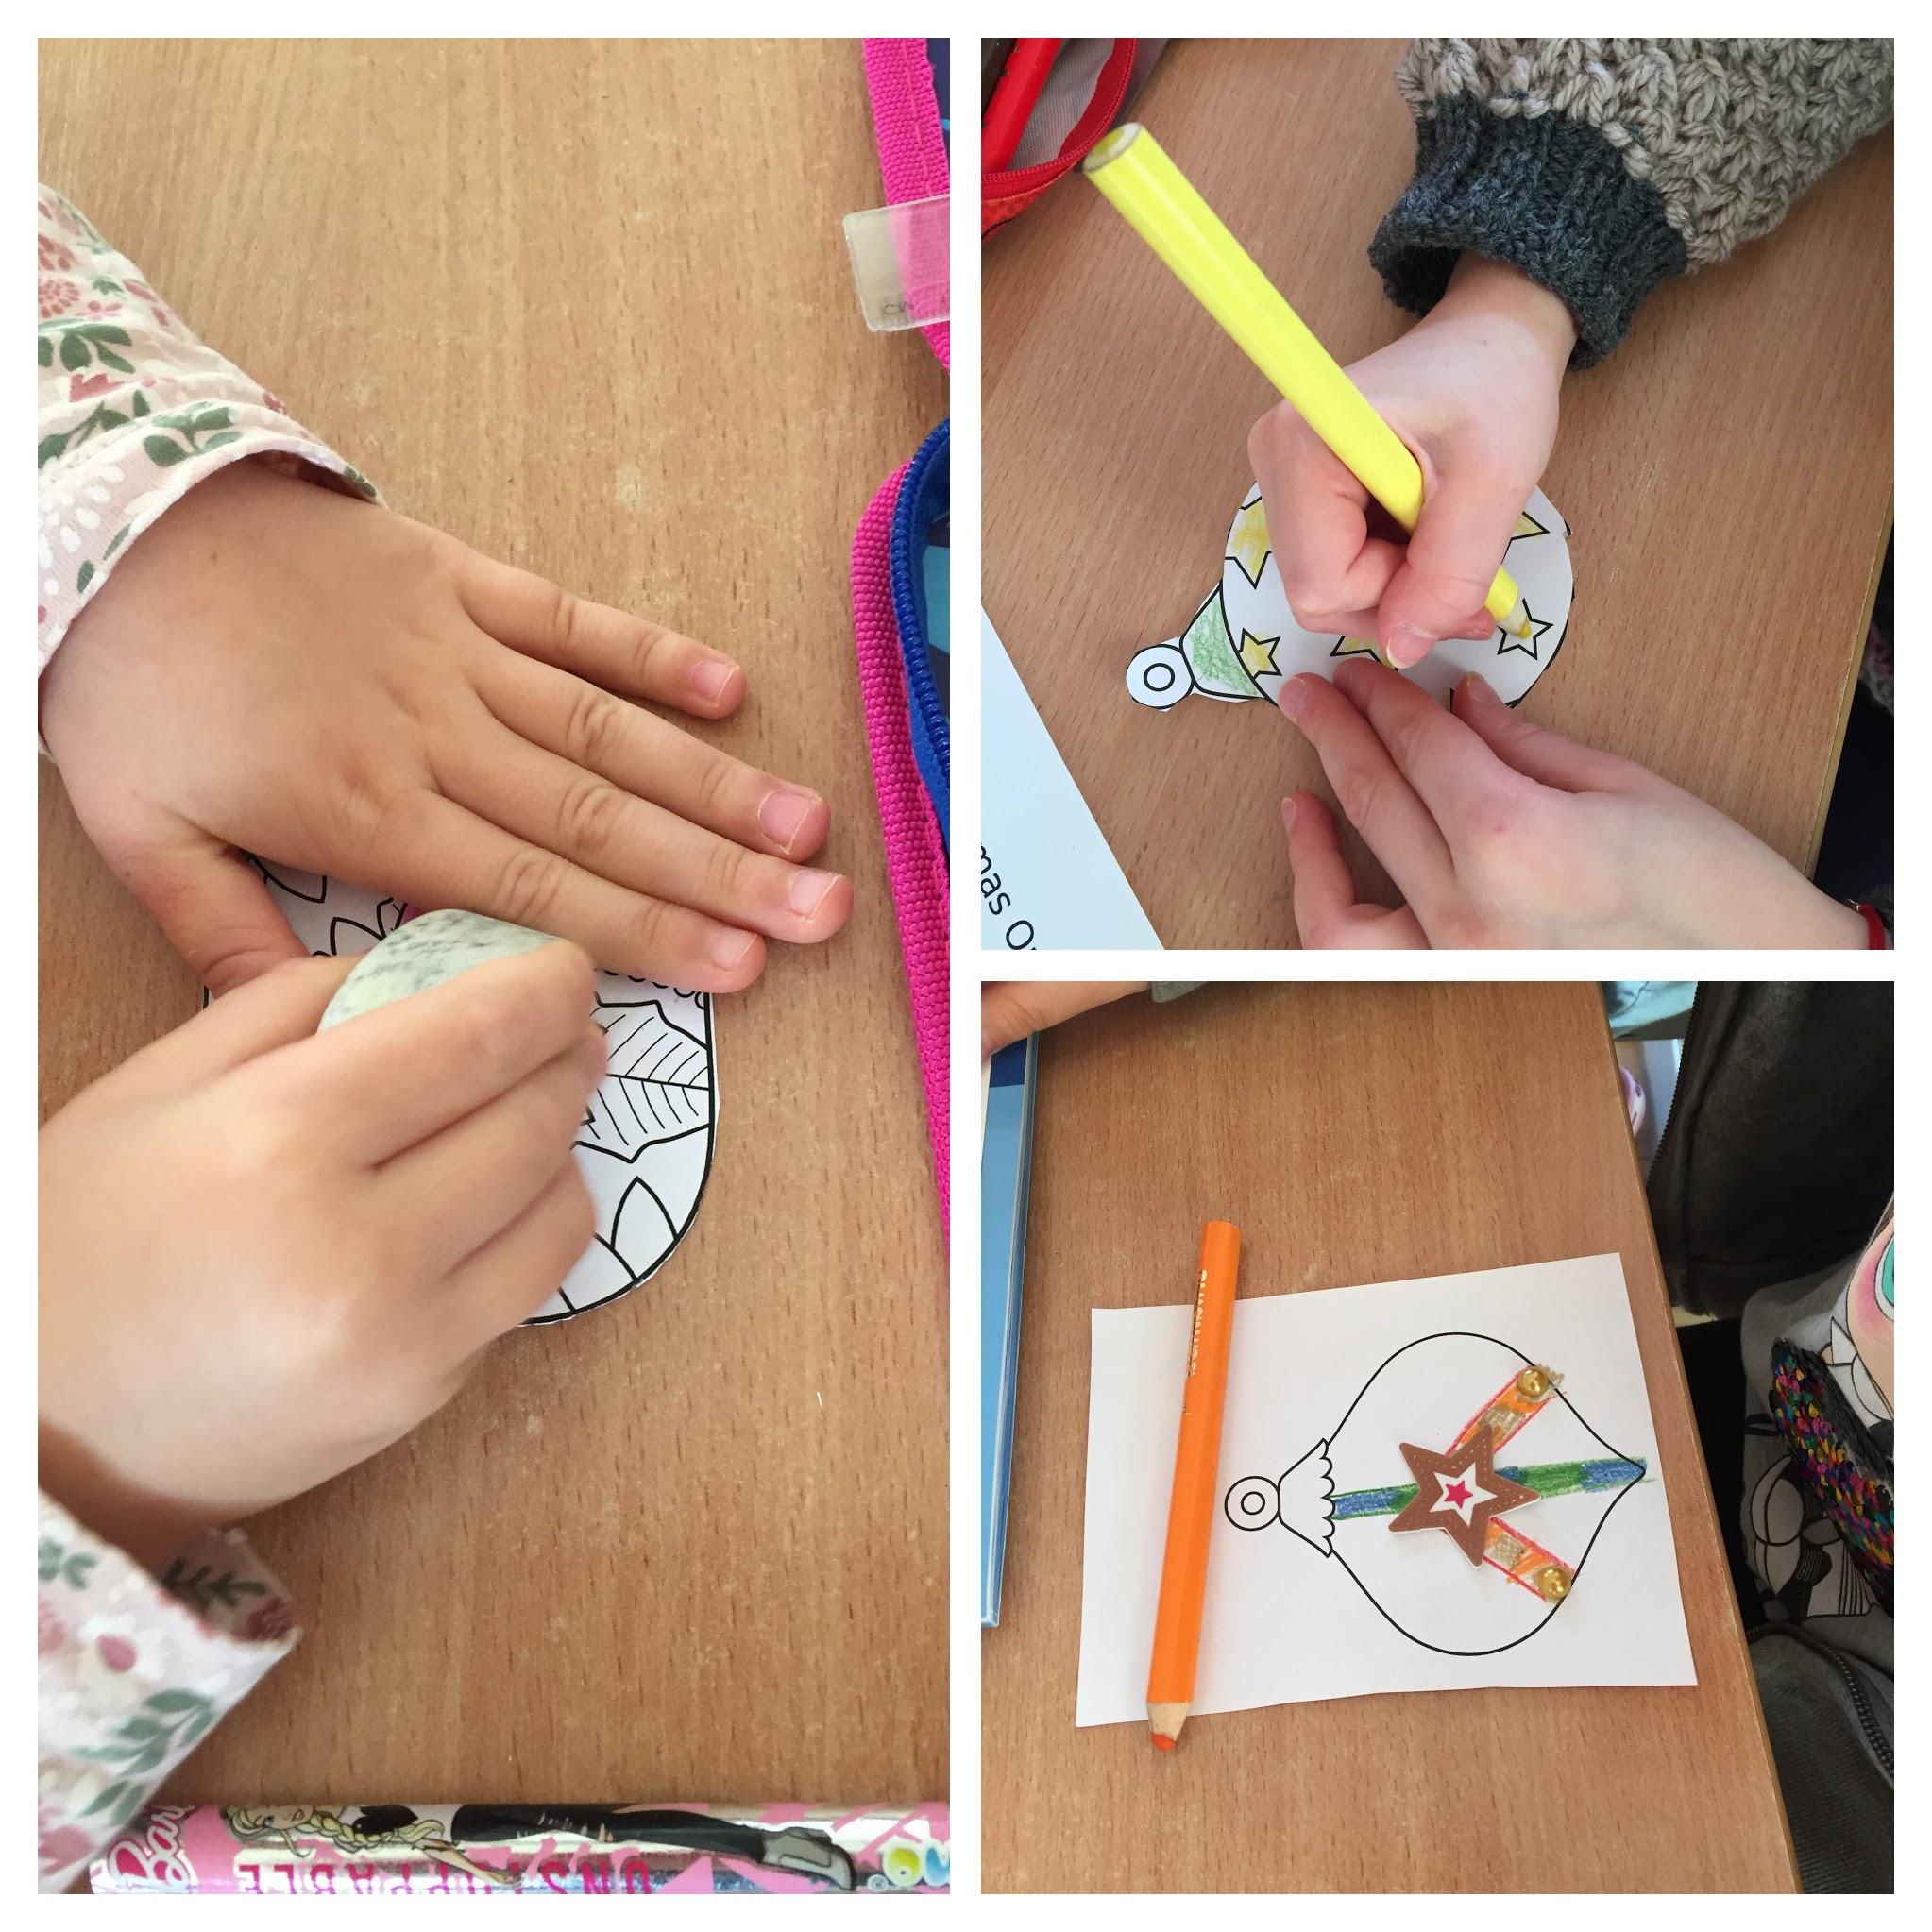 uczniowie przygotowują prace w ramach projektu Decorate Our Christmas Tree